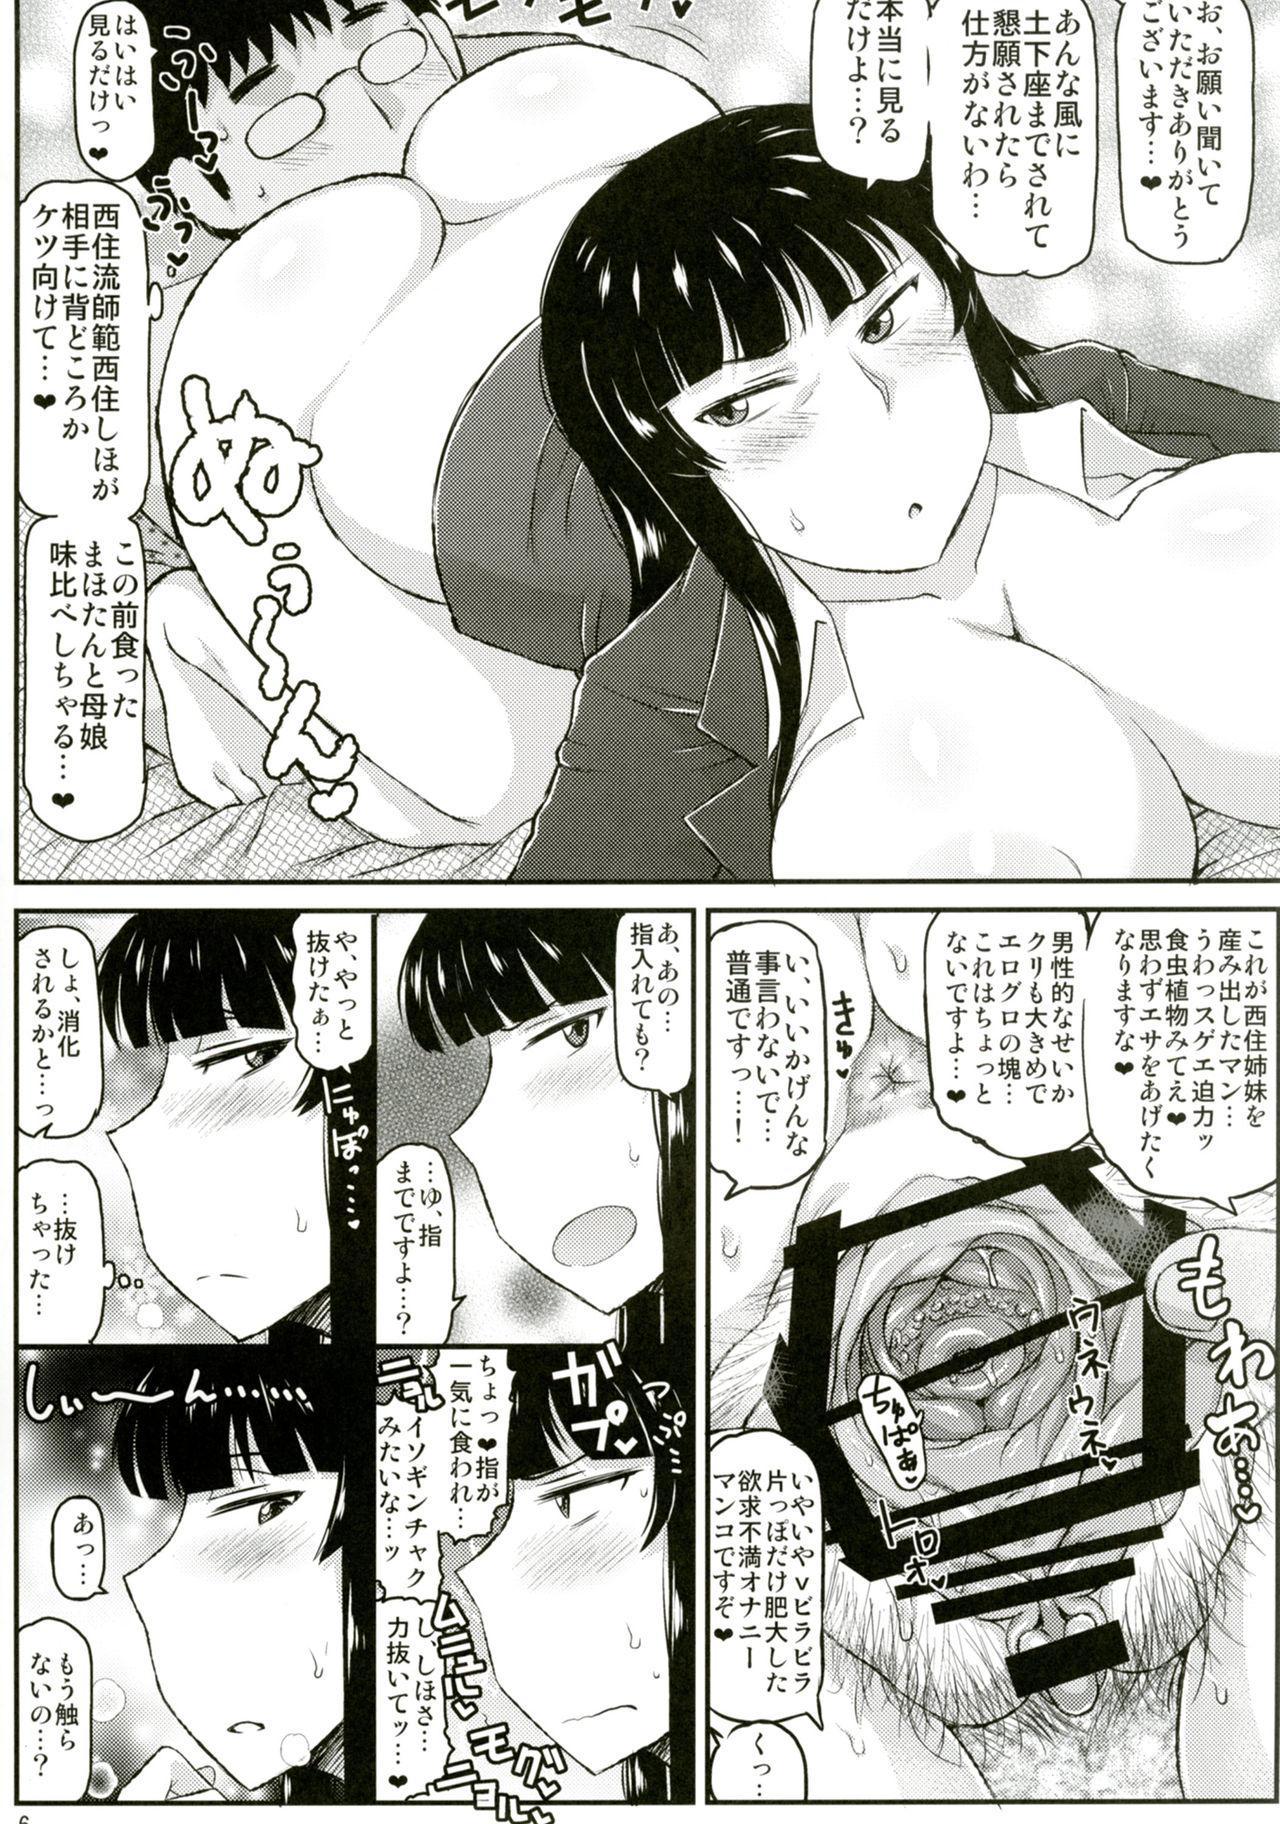 Girl?s & Semen III Nishizumi Shiho no Moteamashita Ureure Body wo Chuunen Chinpo de Soutou Sakusen! Iemoto Ransou ni Idenshi Seichuu Butai Shinkou Kaishi 6